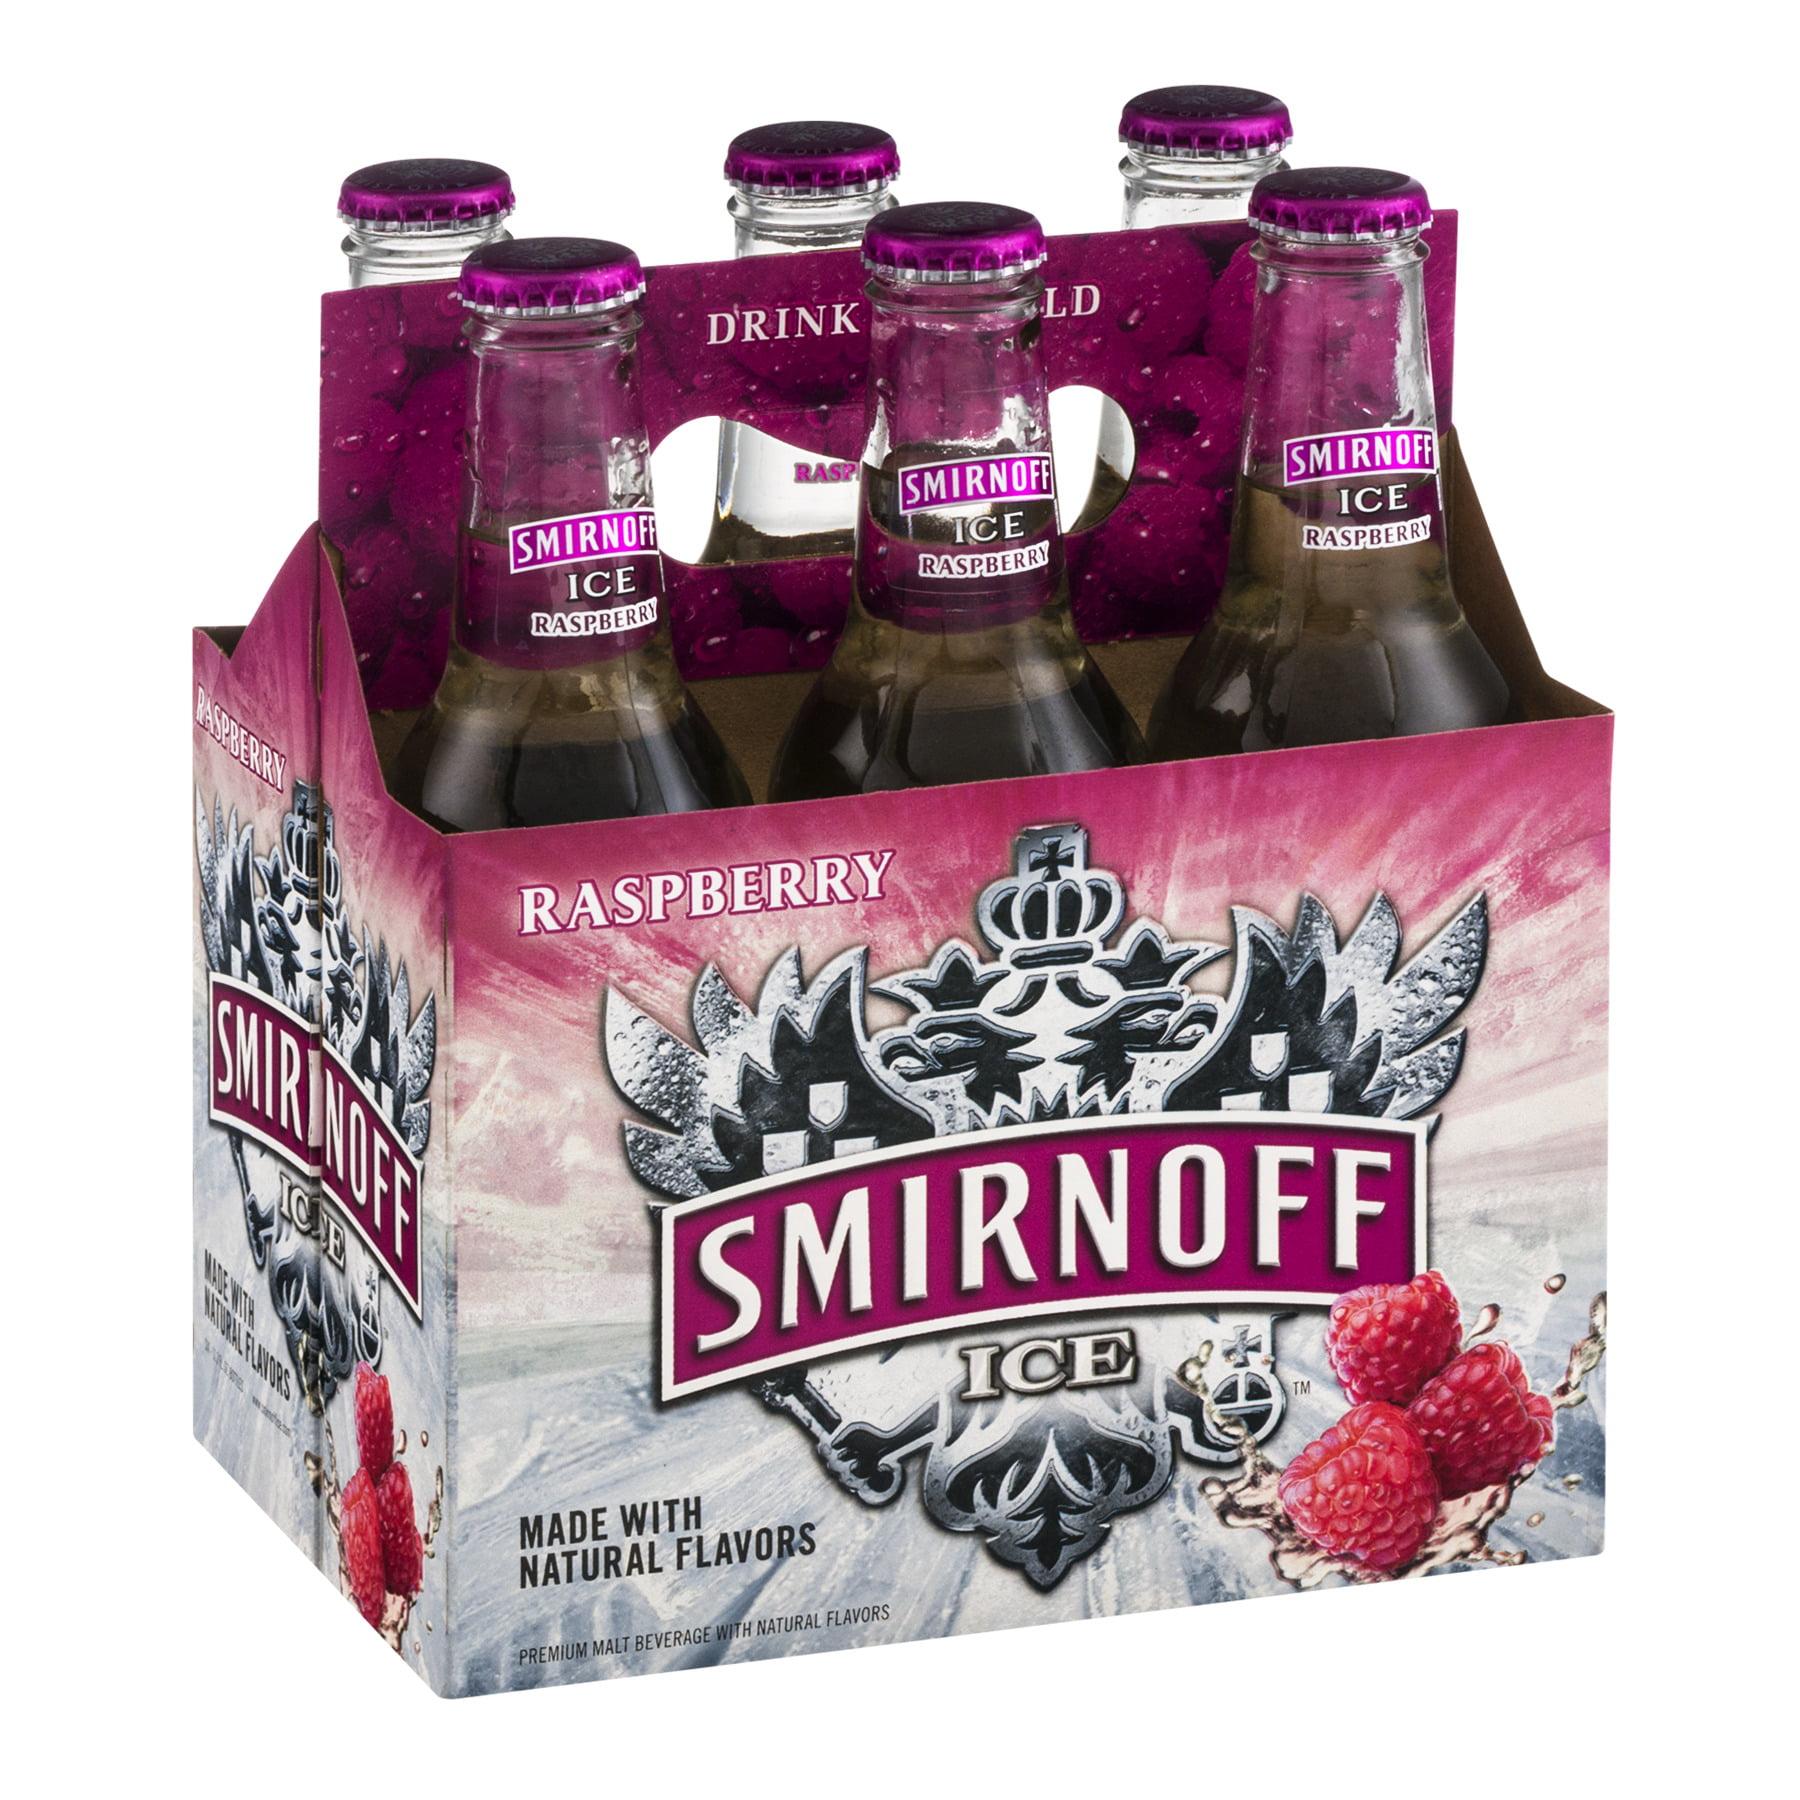 Smirnoff Ice Original 6 Pack   Hy-Vee Aisles Online